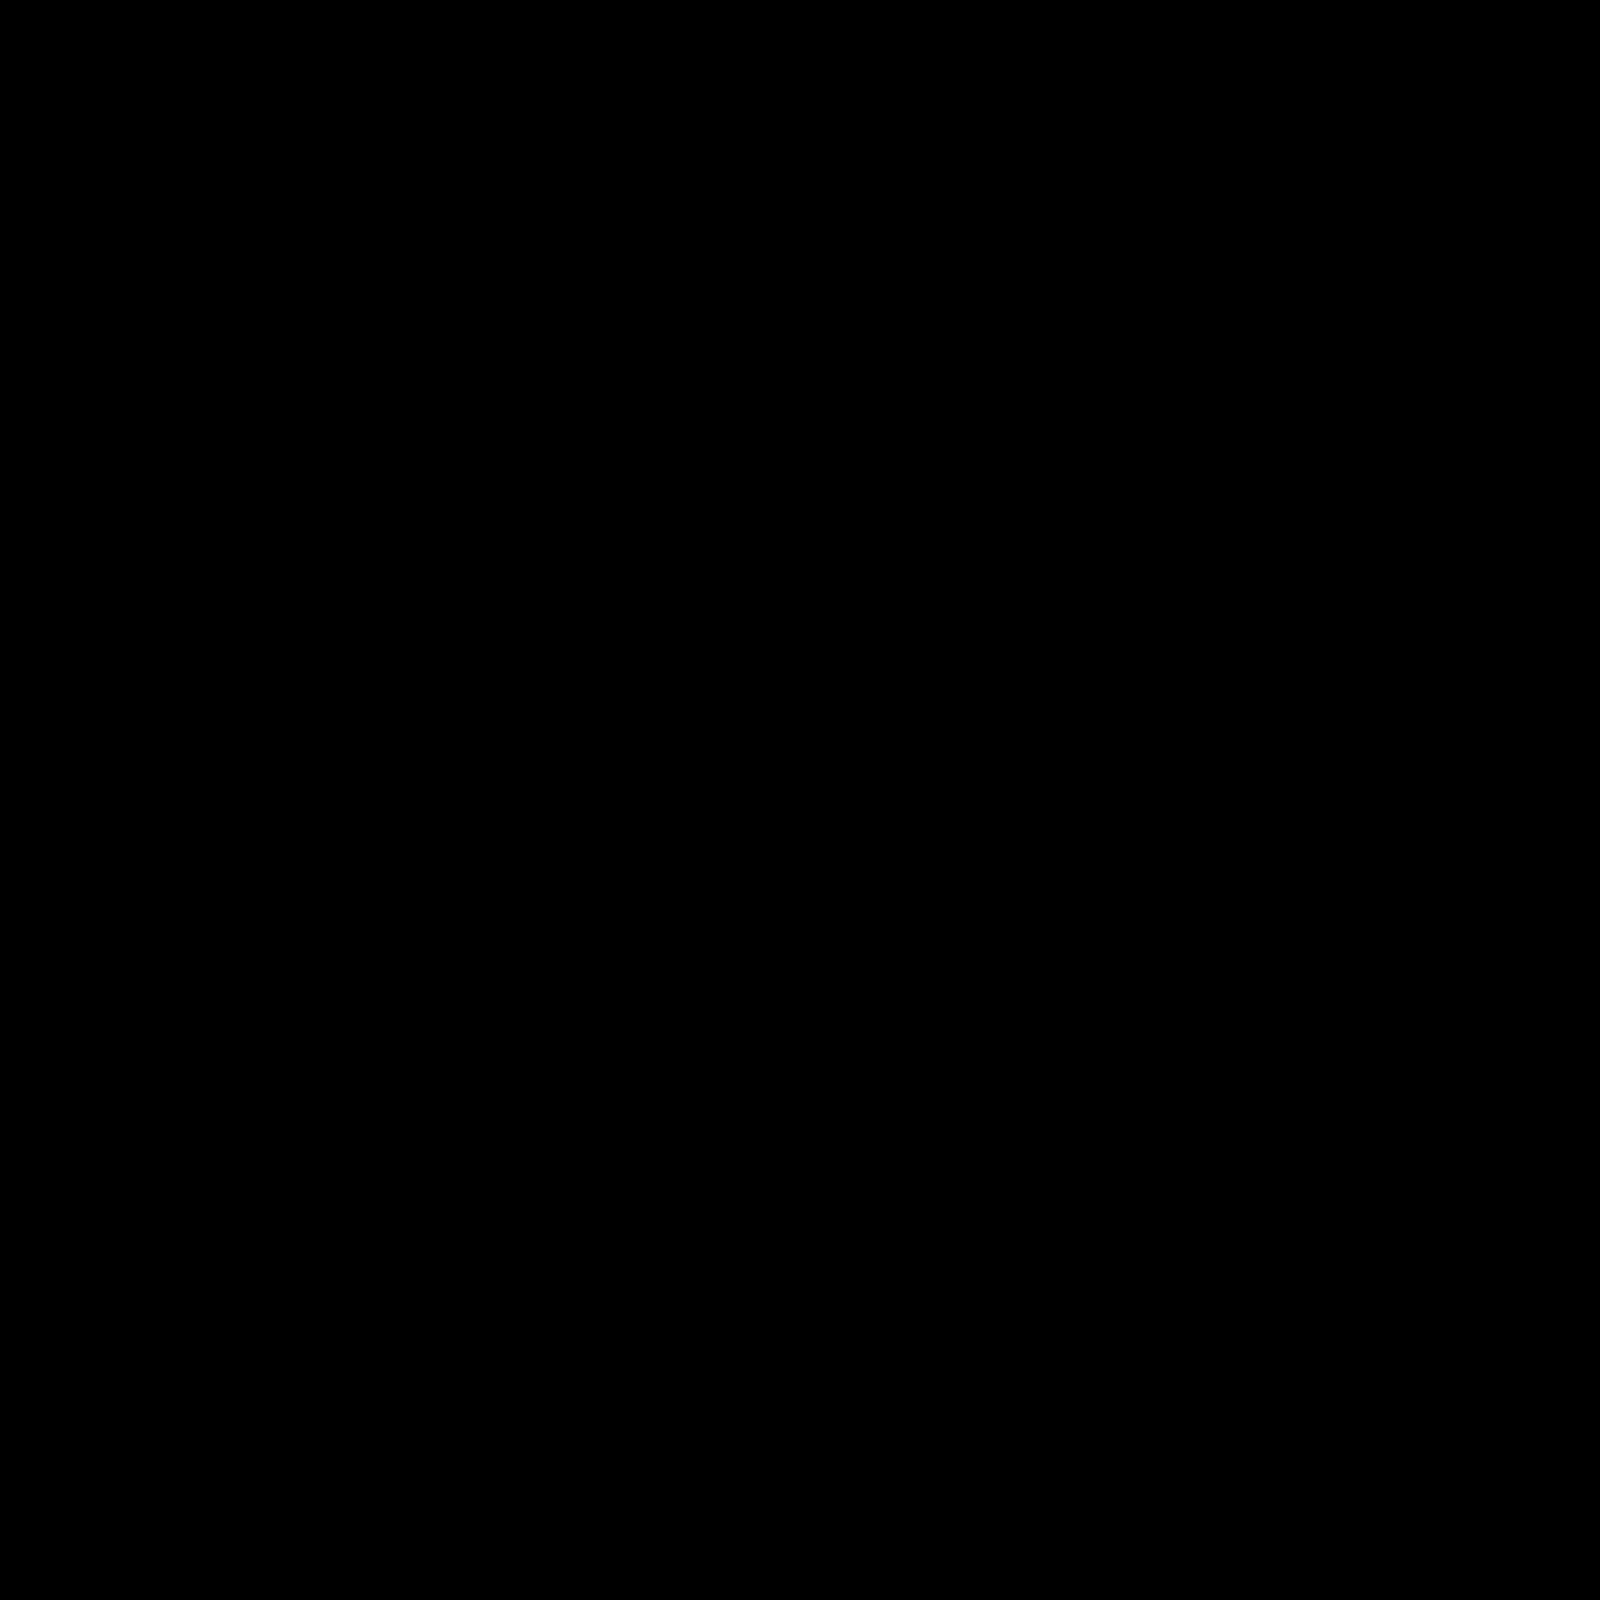 Pin nieaktywny icon